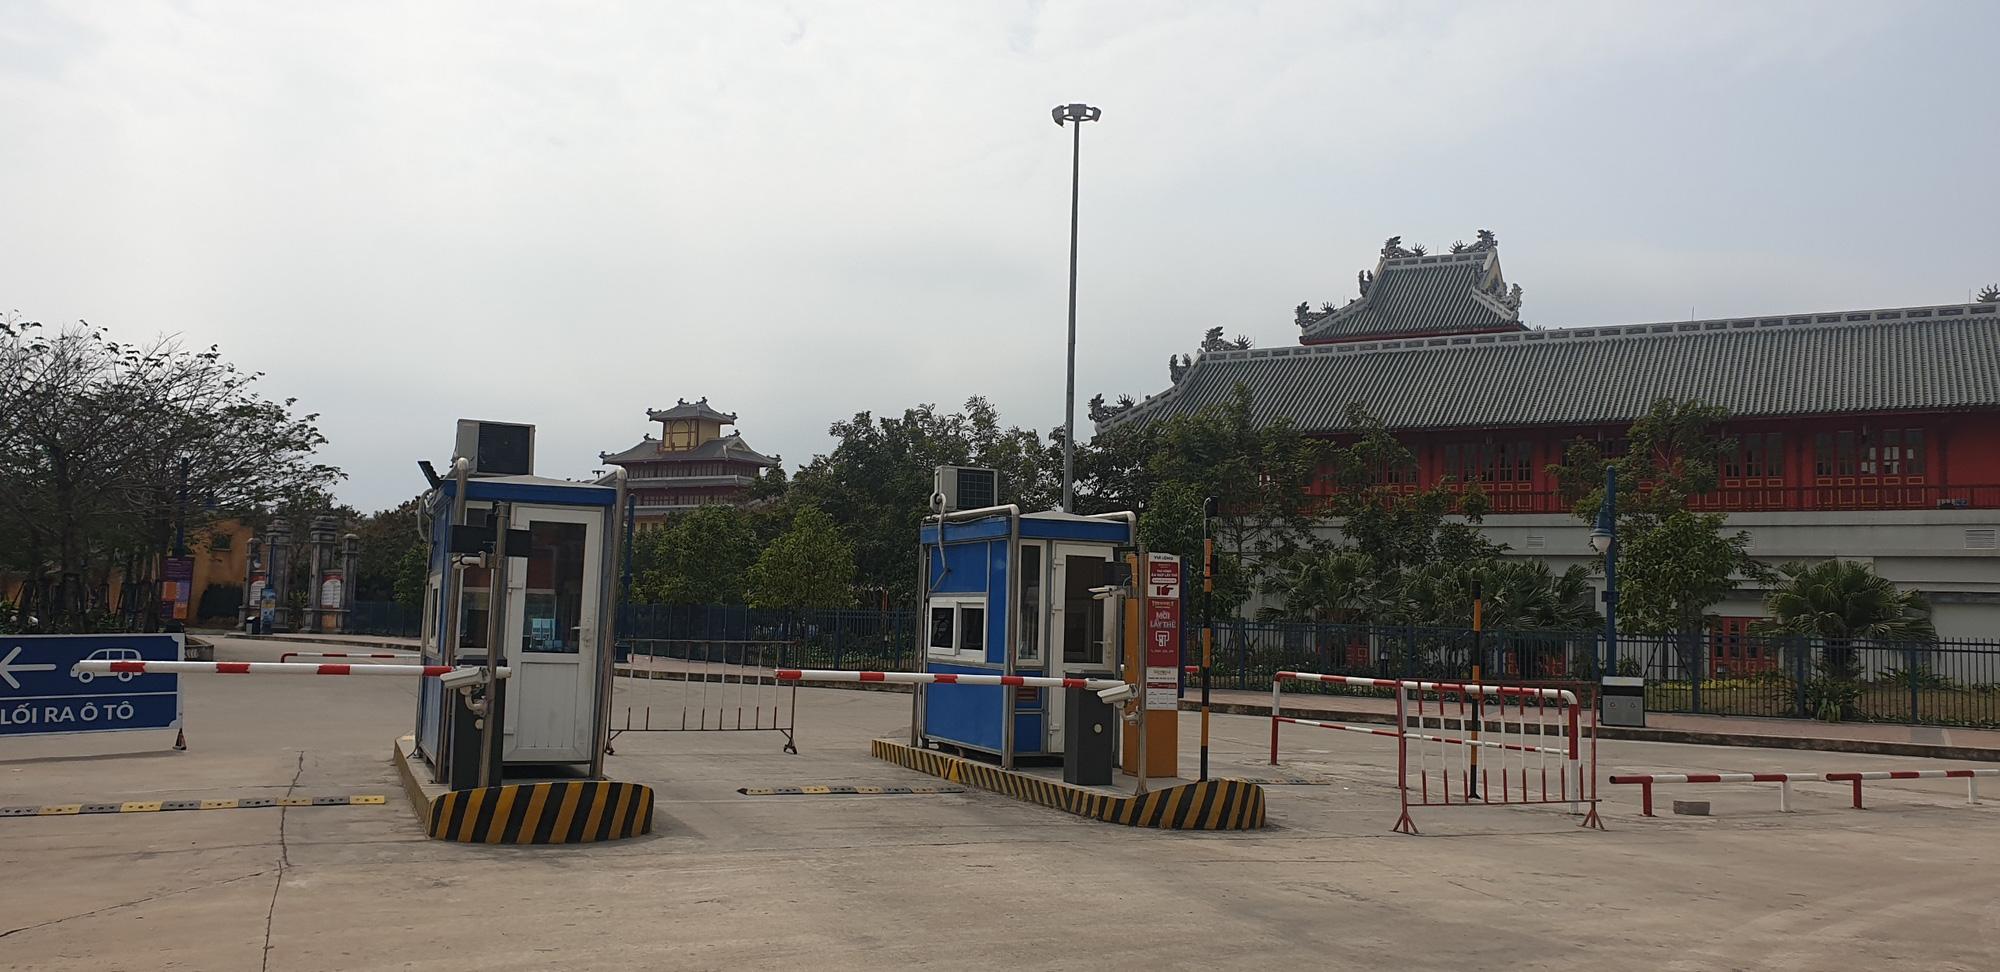 Những hình ảnh mới nhất từ Quảng Ninh sau khi phát hiện ca Covid-19 lây nhiễm trong cộng đồng  - Ảnh 6.